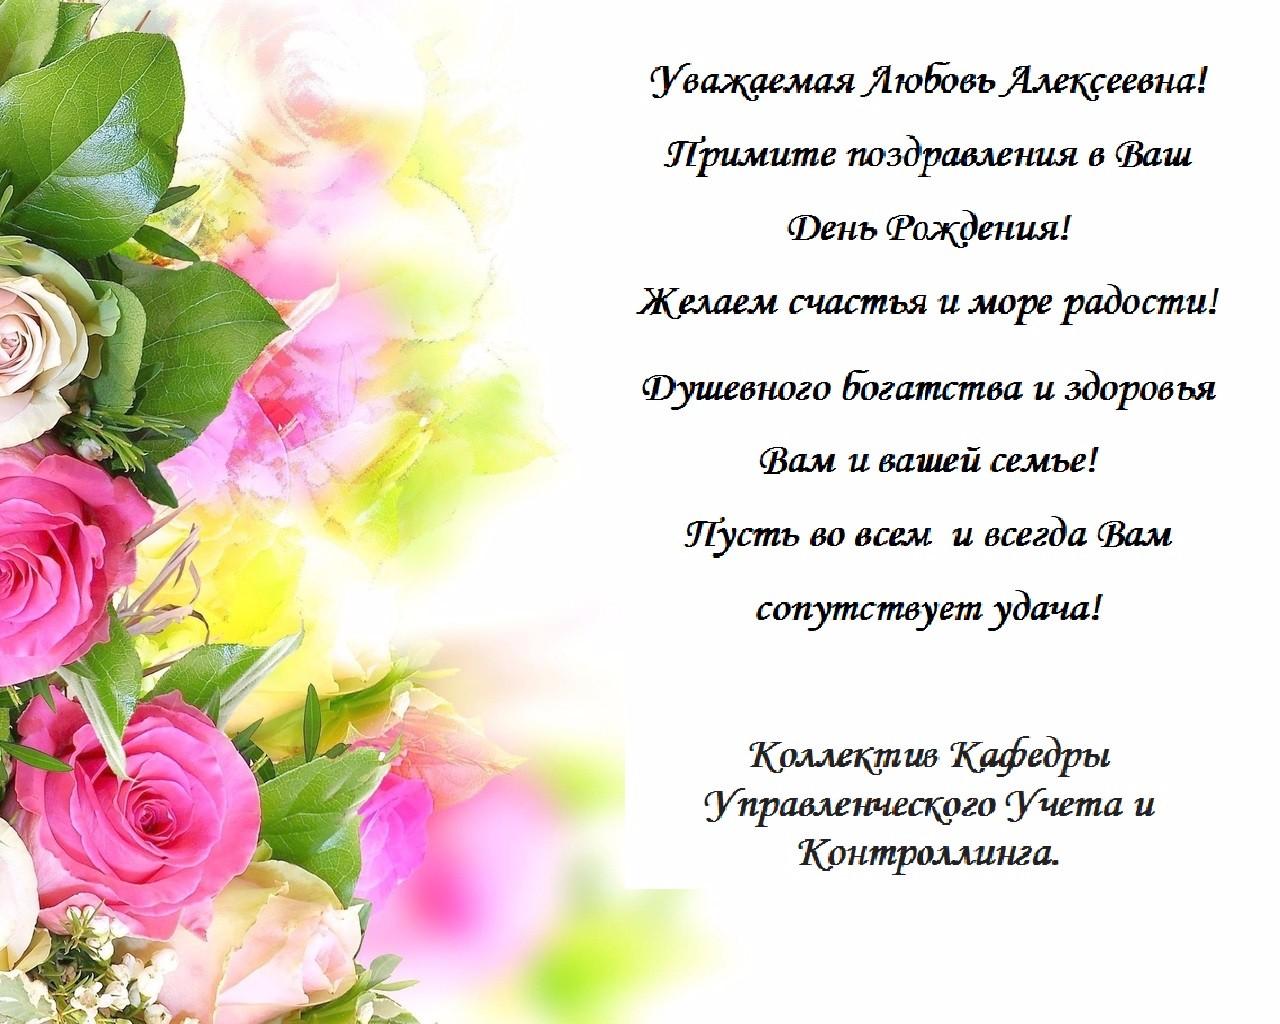 Поздравление куратору с днем рождения от группы